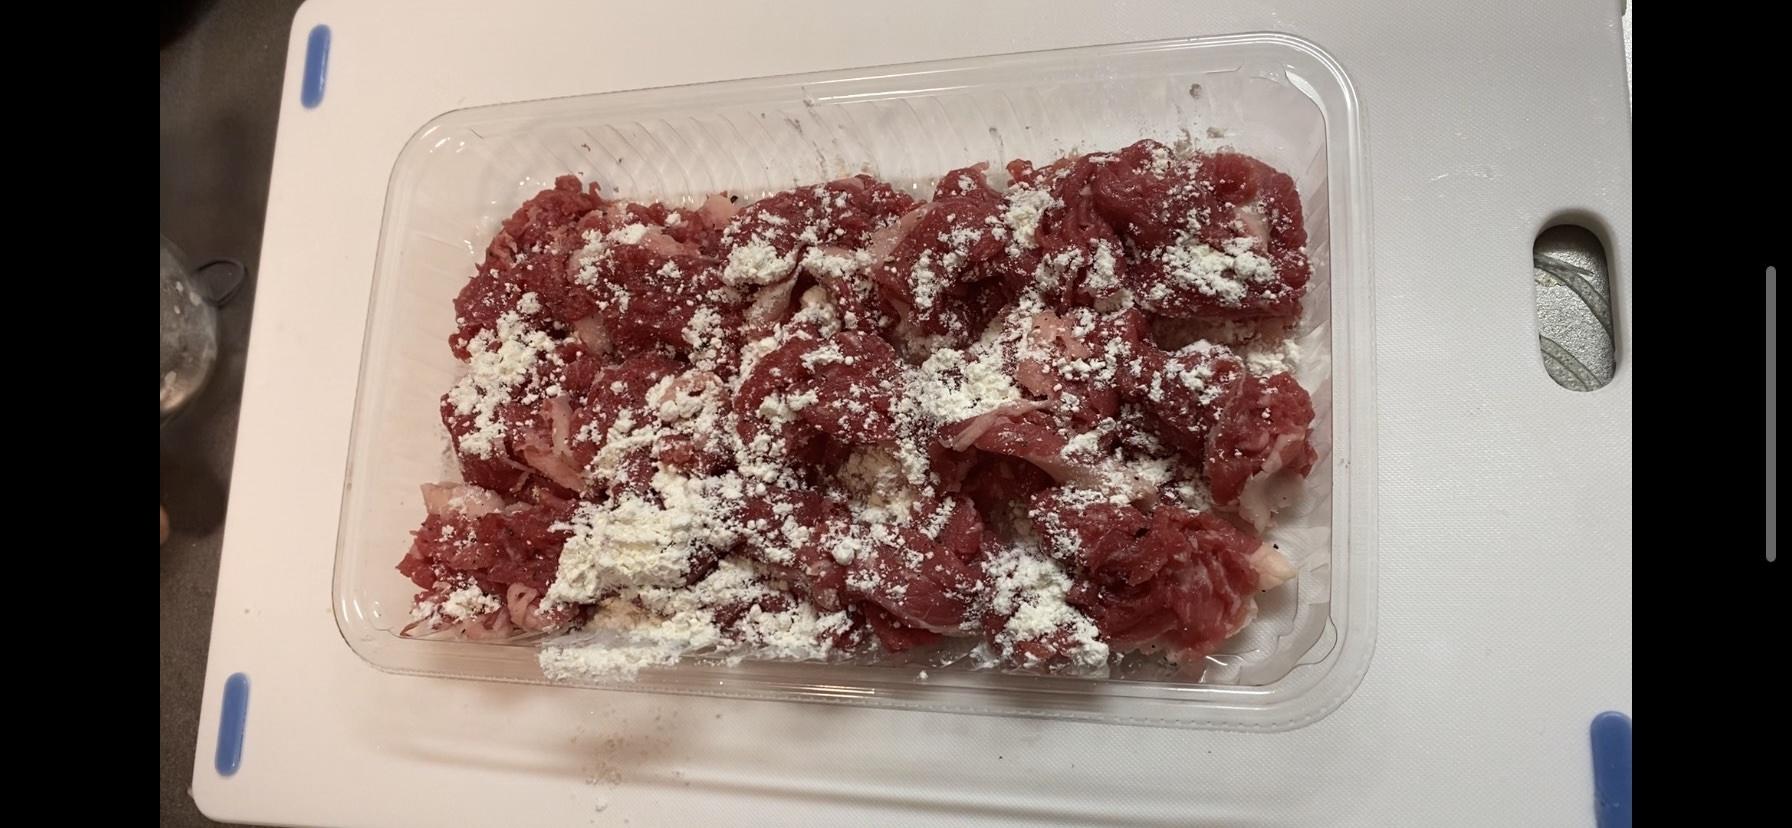 牛細切れ肉に塩コショウ、薄力粉をまぶした様子の画像です